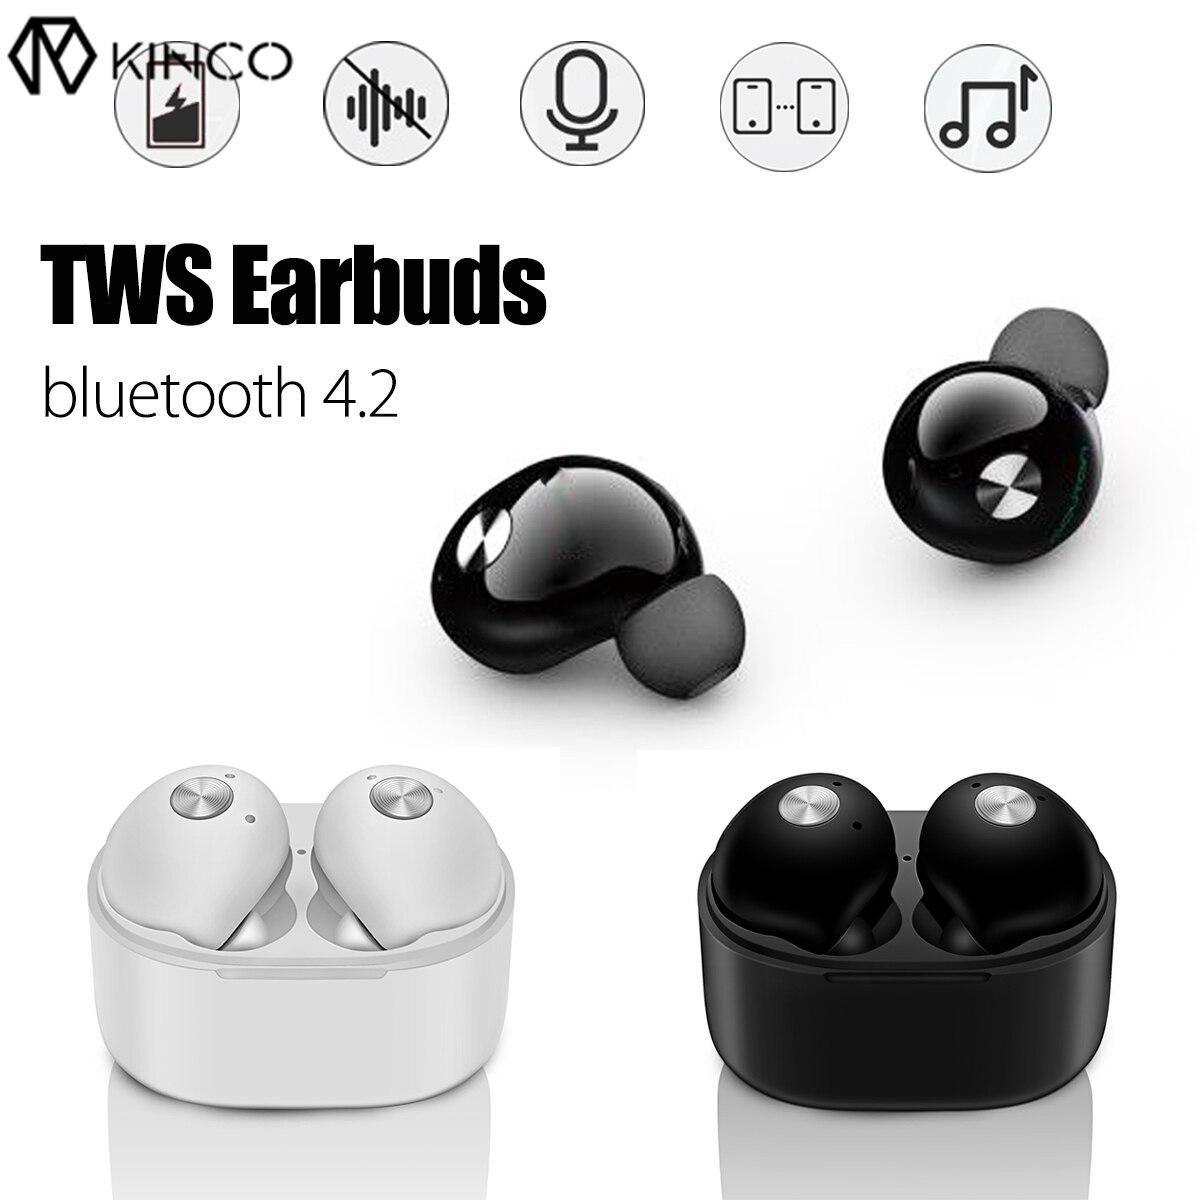 Bluetooth V4.2 sans fil TWS in-ear Mini vrais jumeaux stéréo basse écouteurs écouteurs casque casque micro mains libres appel téléphonique